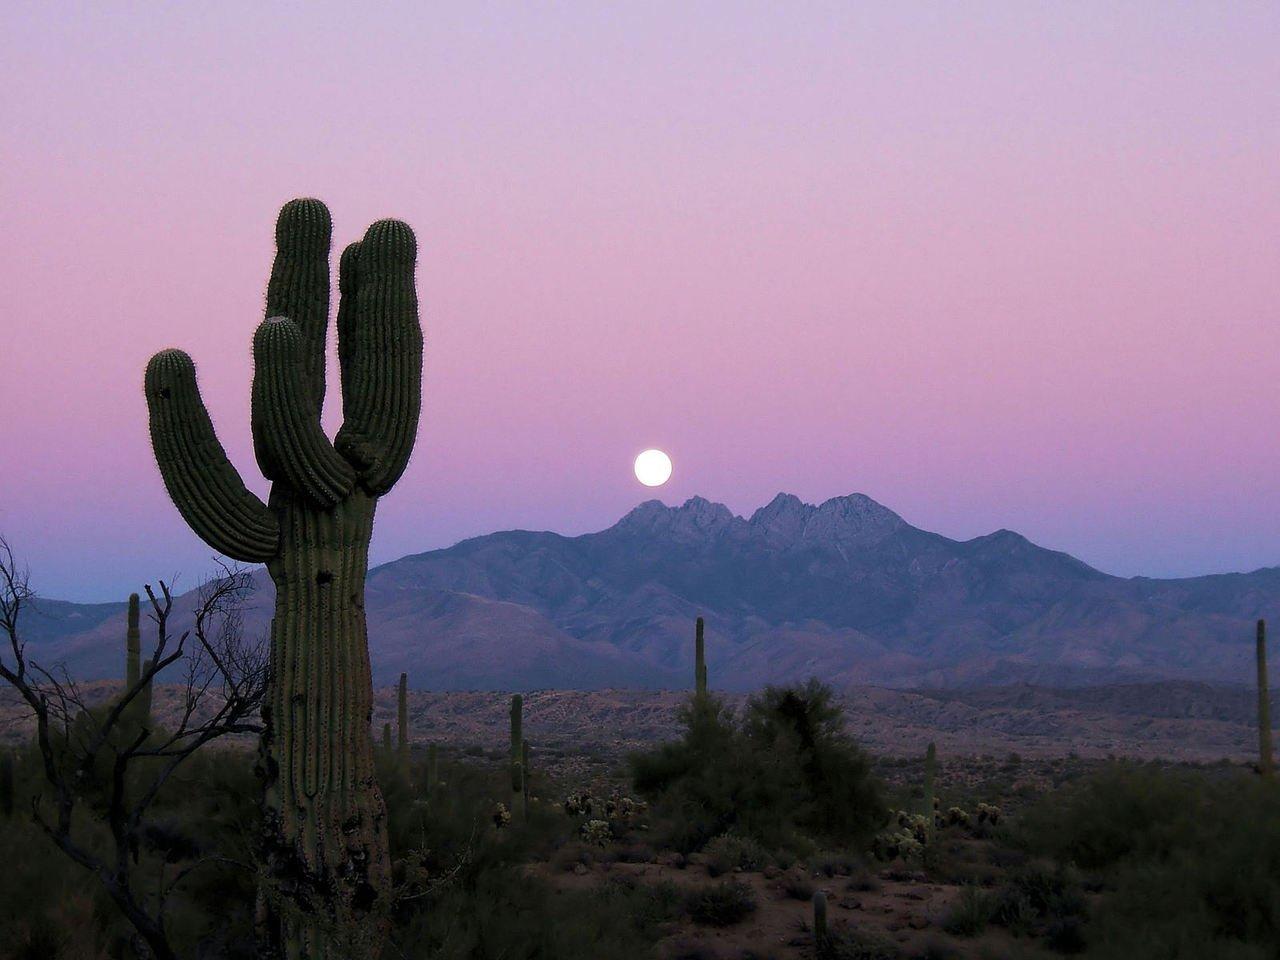 The Full Moon rises in the desert